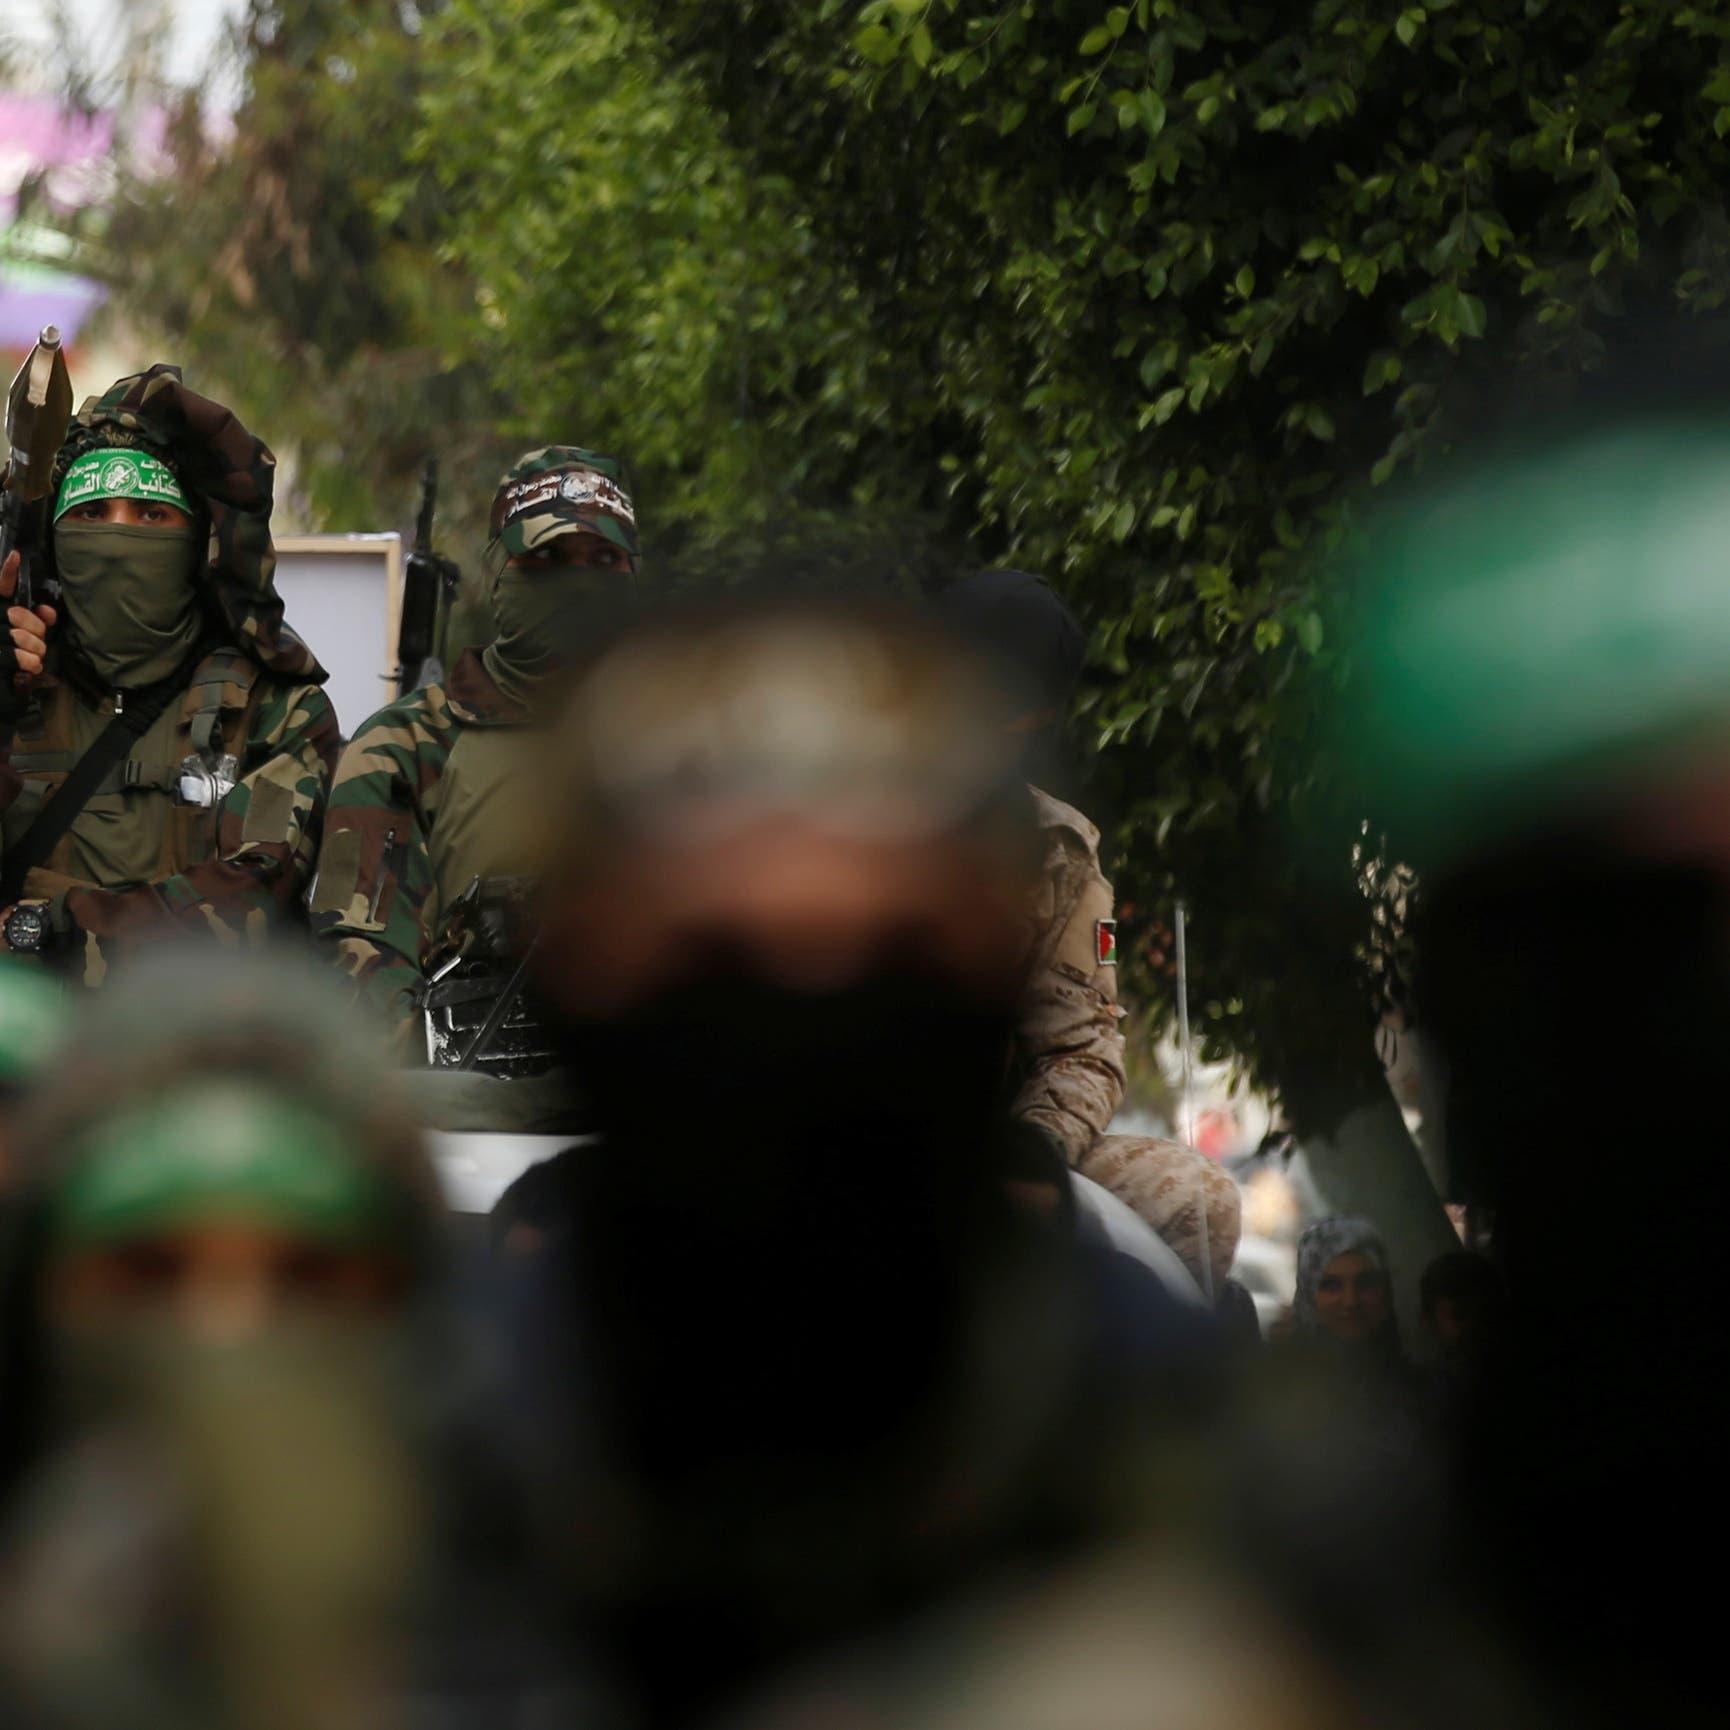 """إسرائيل تشن حرباً """"مشفّرة"""" ضد حماس.. بالبيتكوين هذه المرة"""